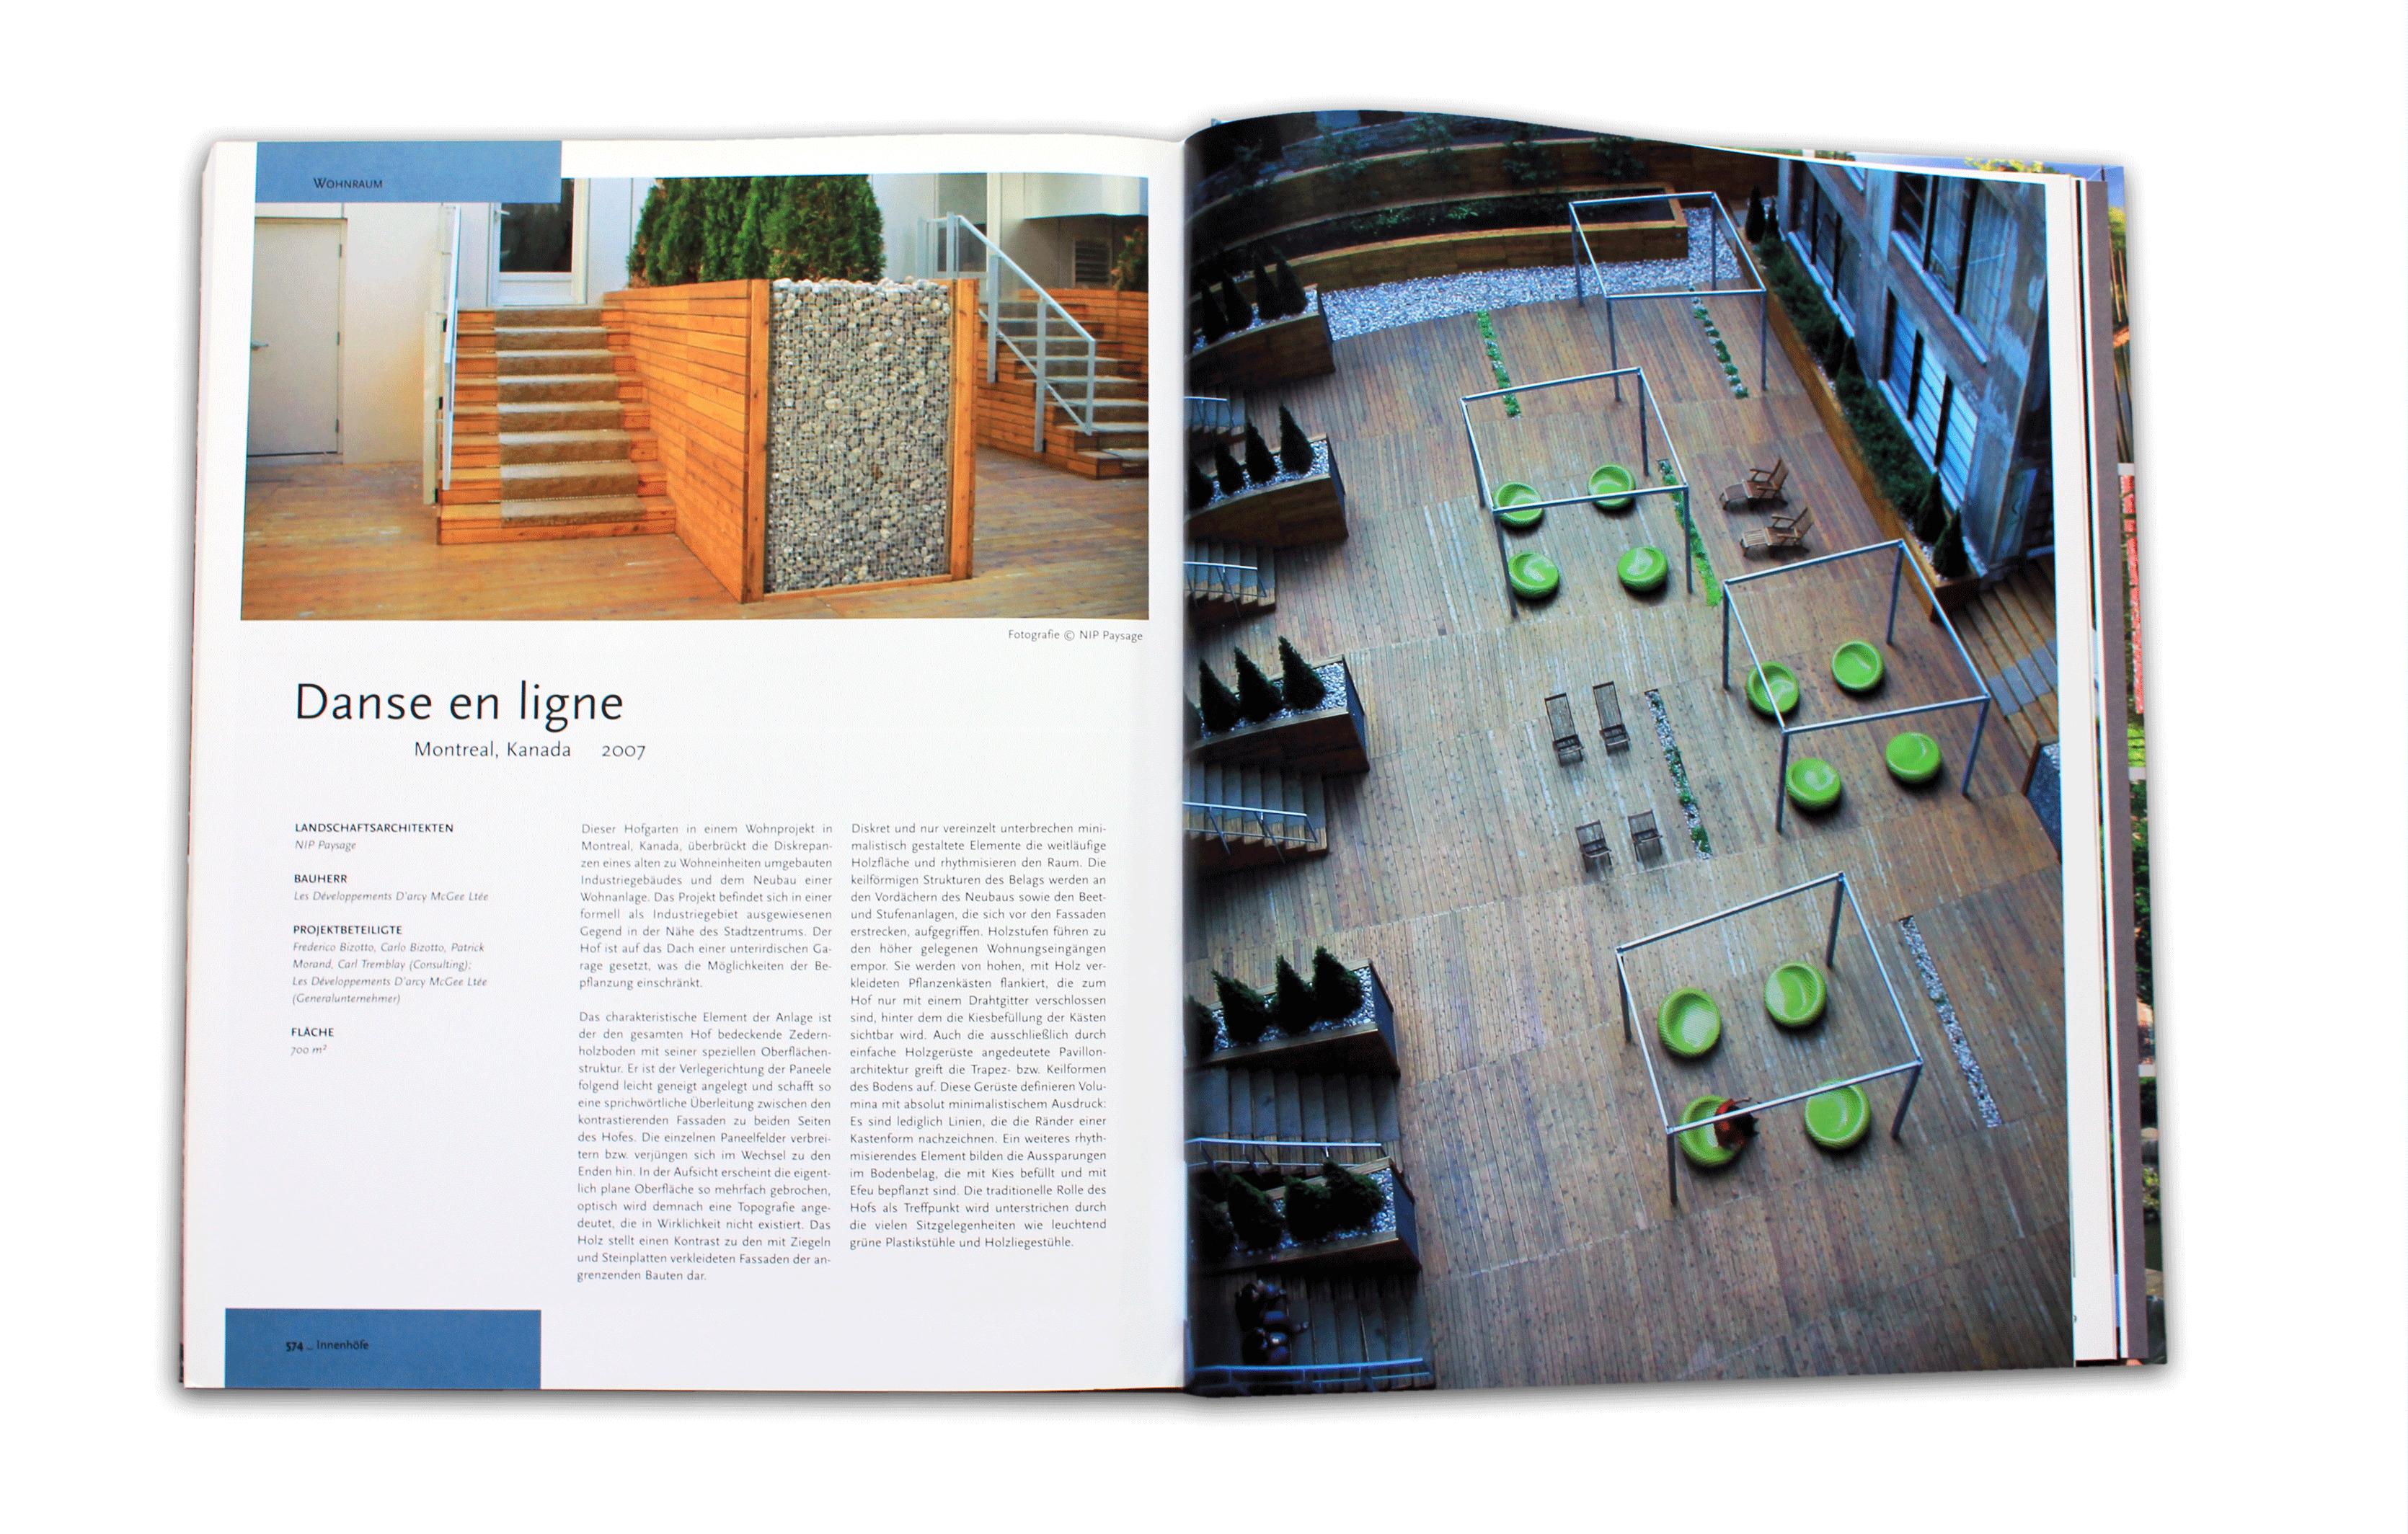 Berühmt Elemente Des Zeitgenössischen Designs Fotos - Images for ...